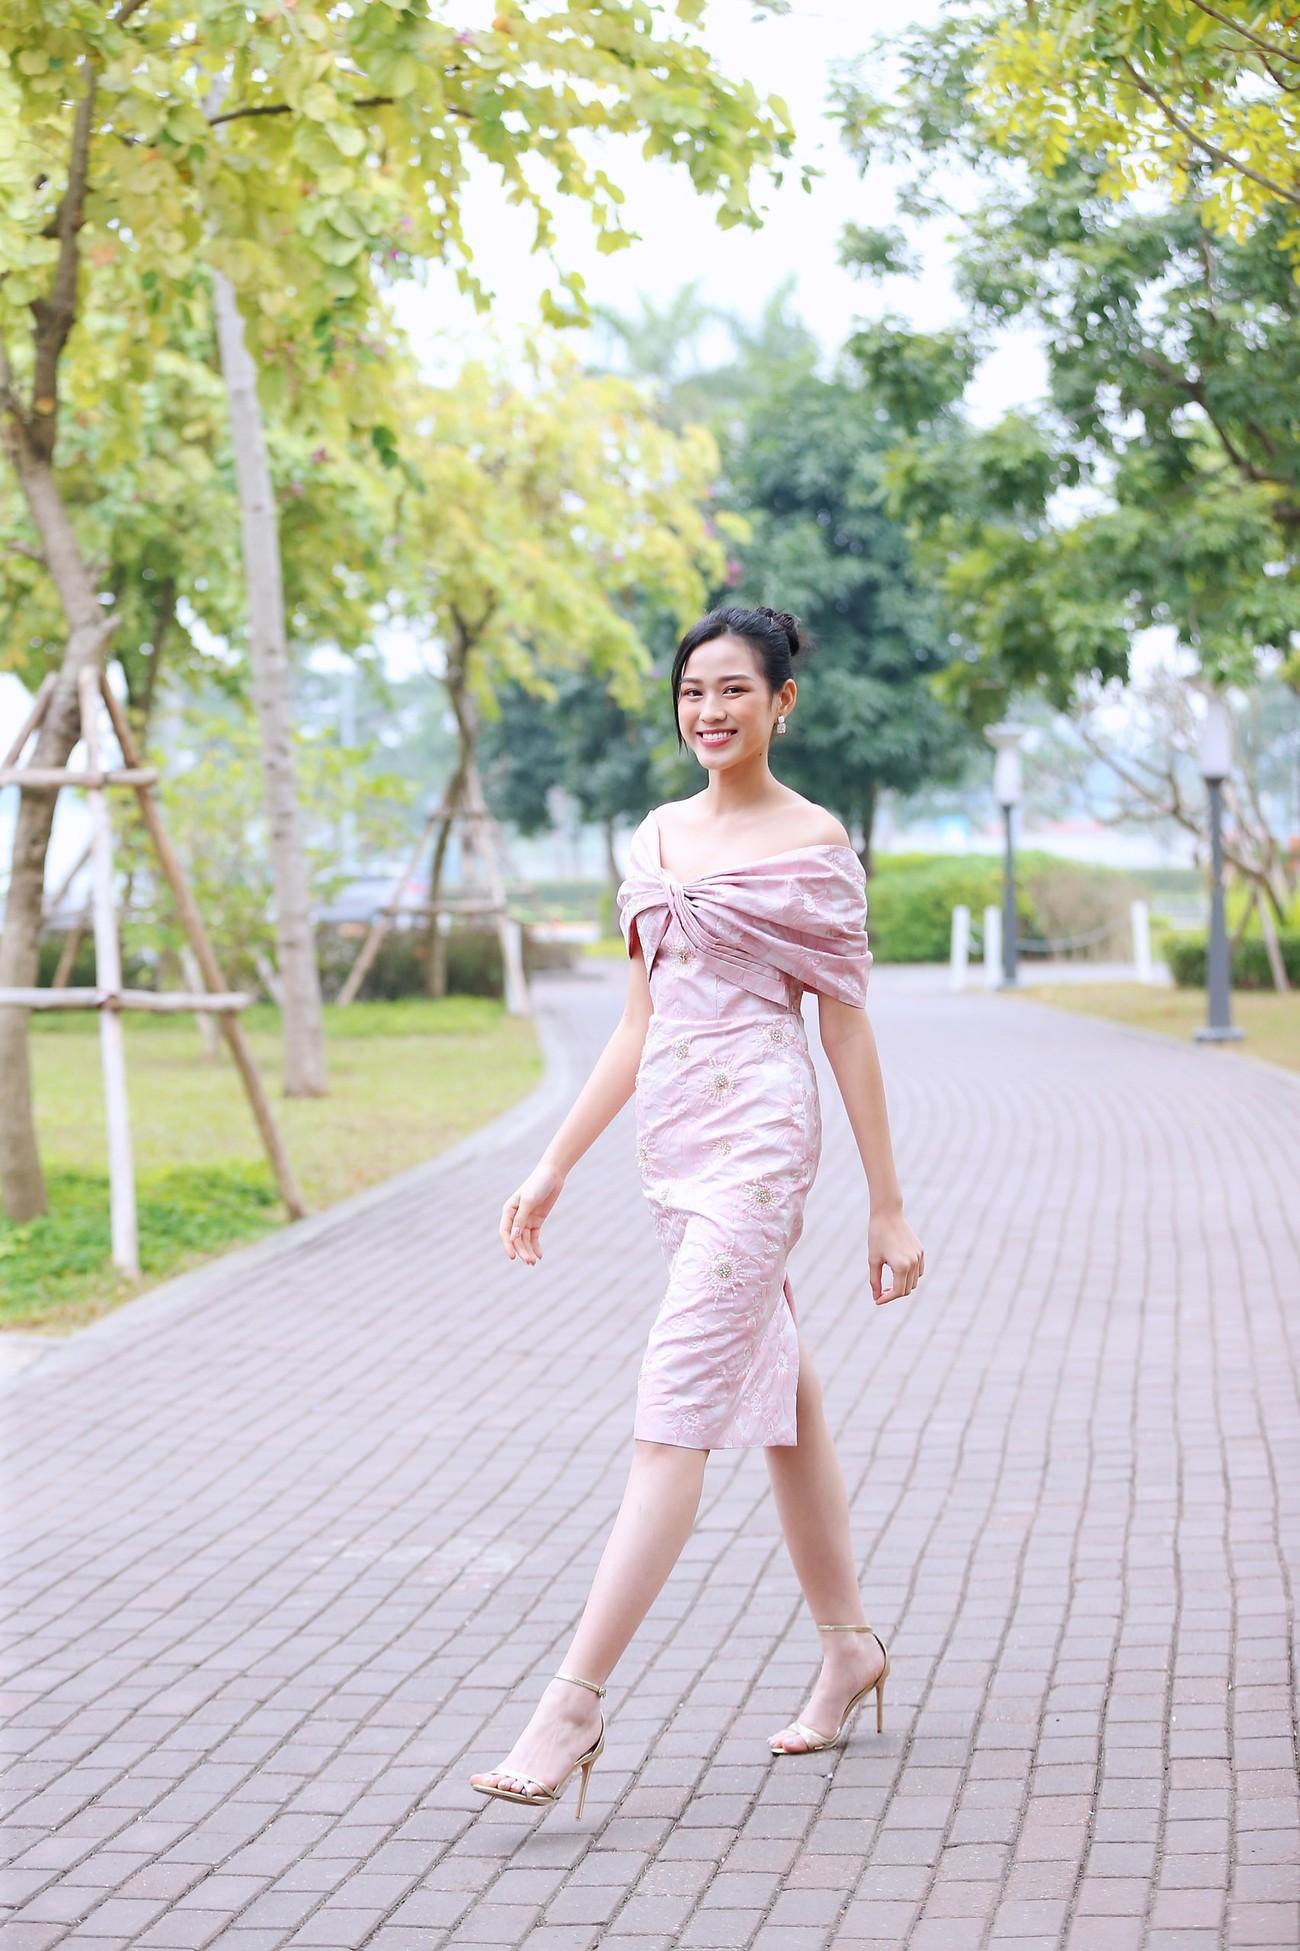 Những hình ảnh đẹp rạng rỡ của Hoa hậu Đỗ Thị Hà trong hành trình Chủ nhật Đỏ 2021 ảnh 6